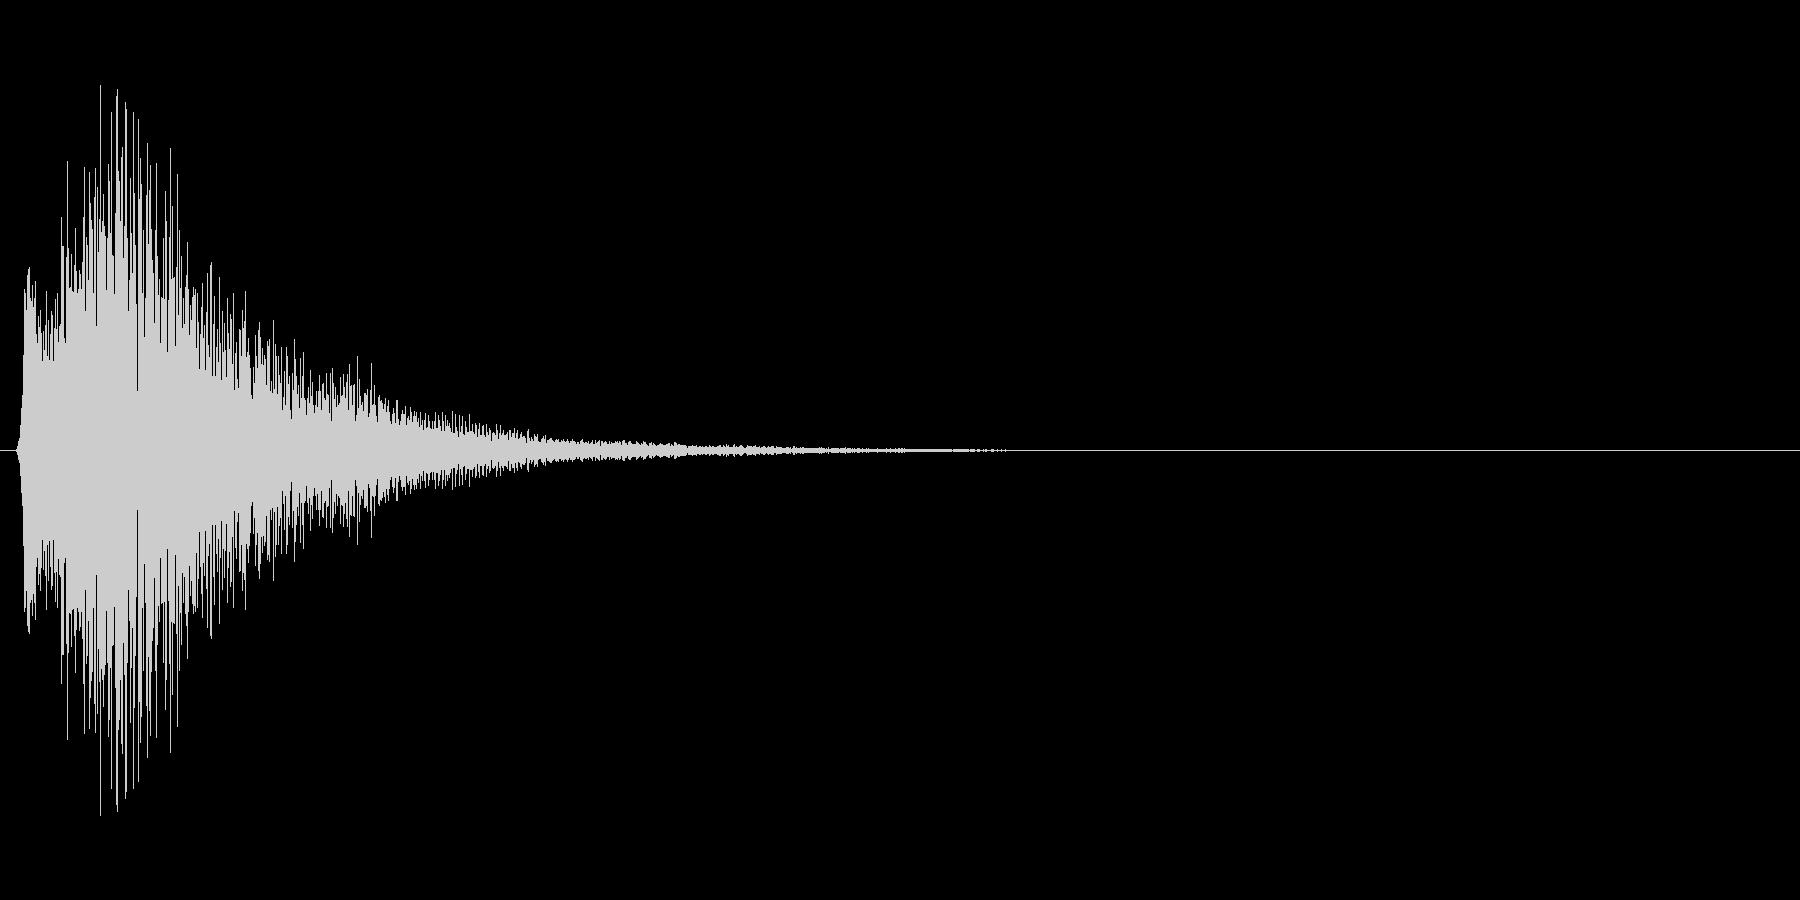 タッチすると光が広がるイメージの決定音2の未再生の波形